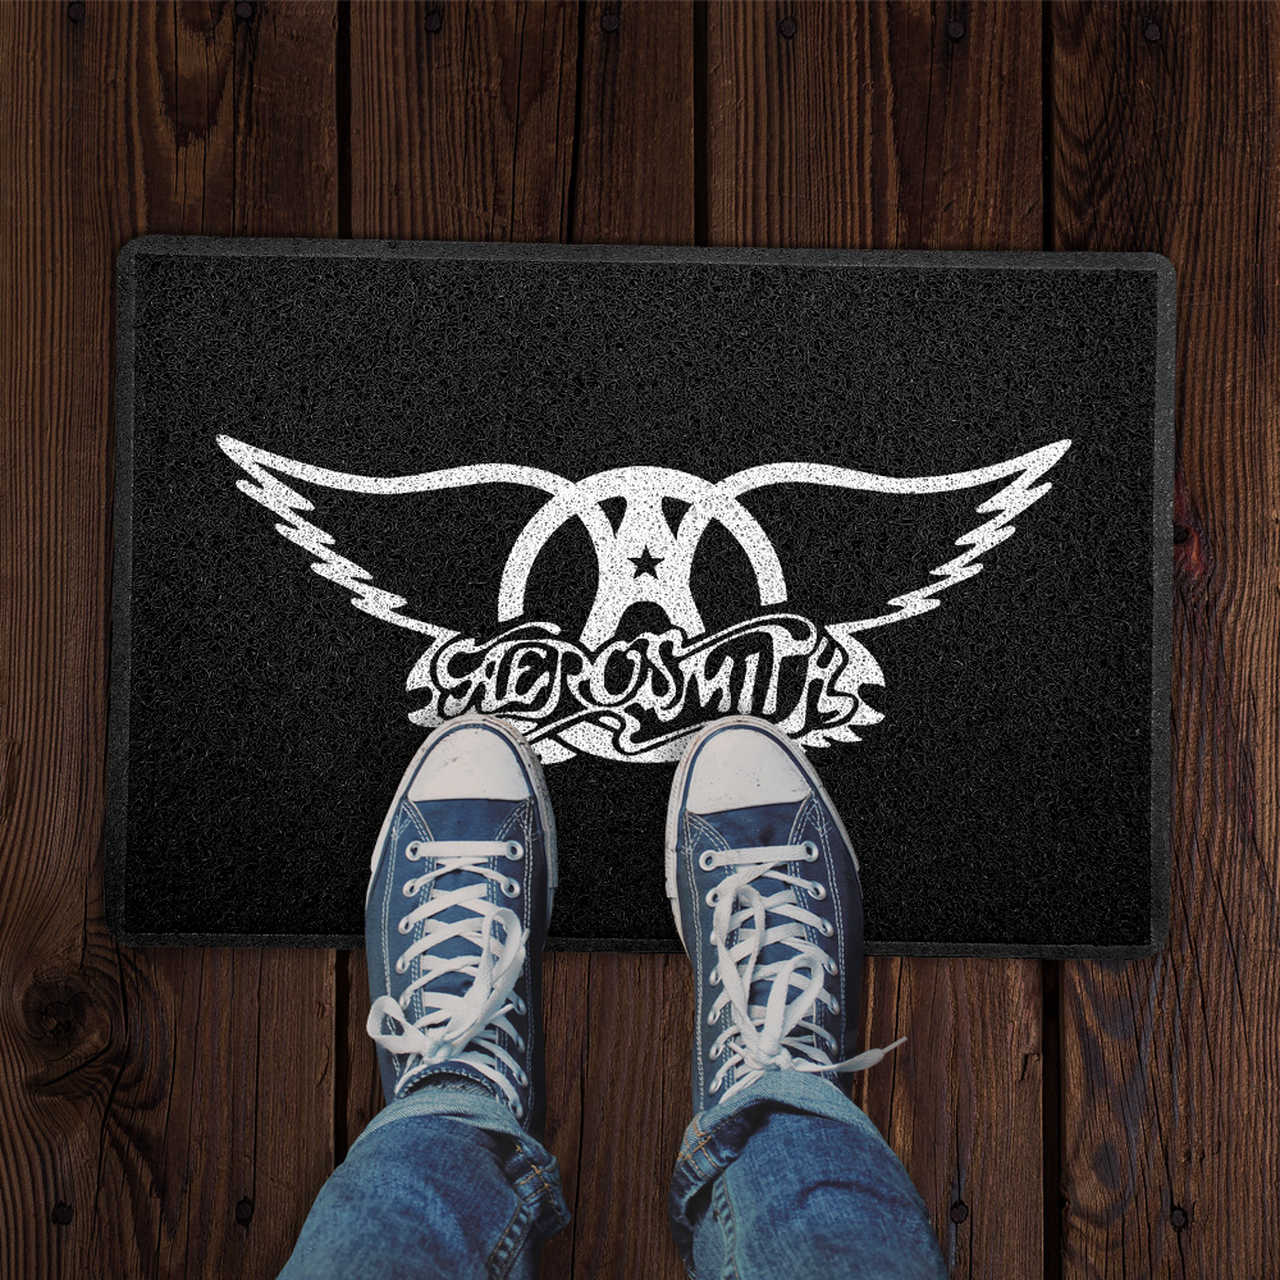 Capacho Aerosmith Preto